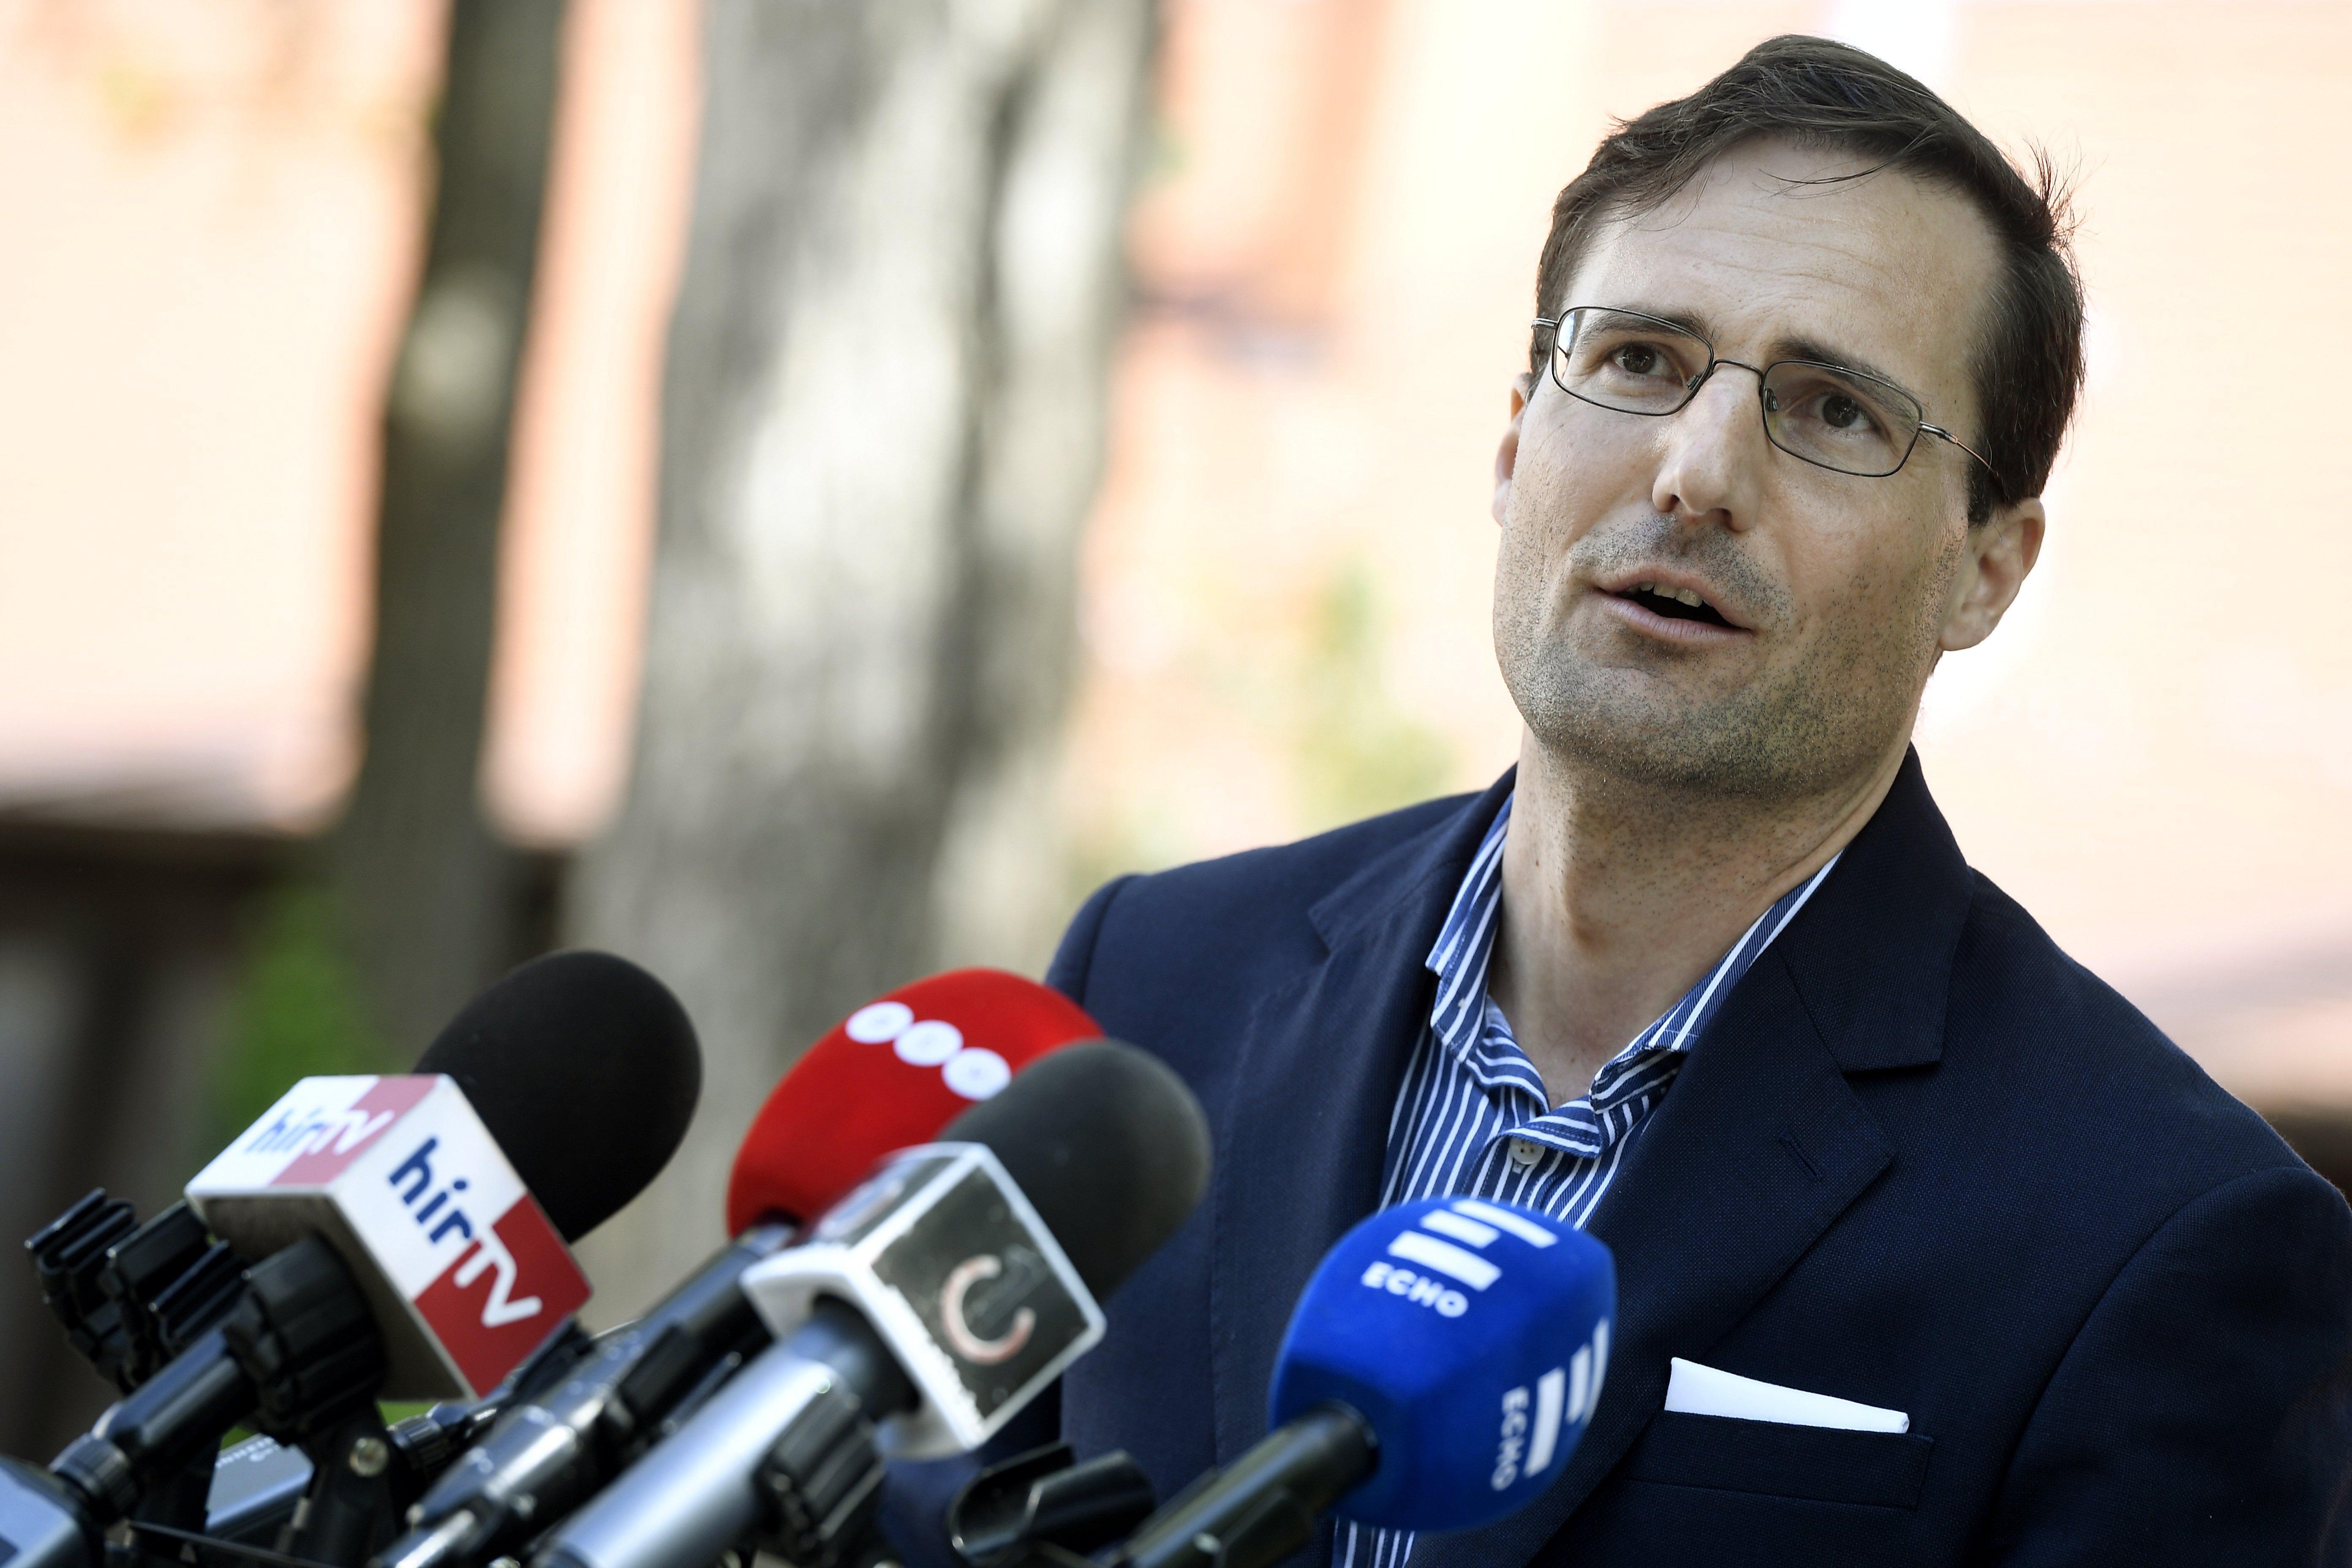 Gyöngyösi: A Jobbik nem esik depresszióba, a Parlamentben és az utcán is szembeszáll a Fidesz félfeudális, diktatórikus rendszerével